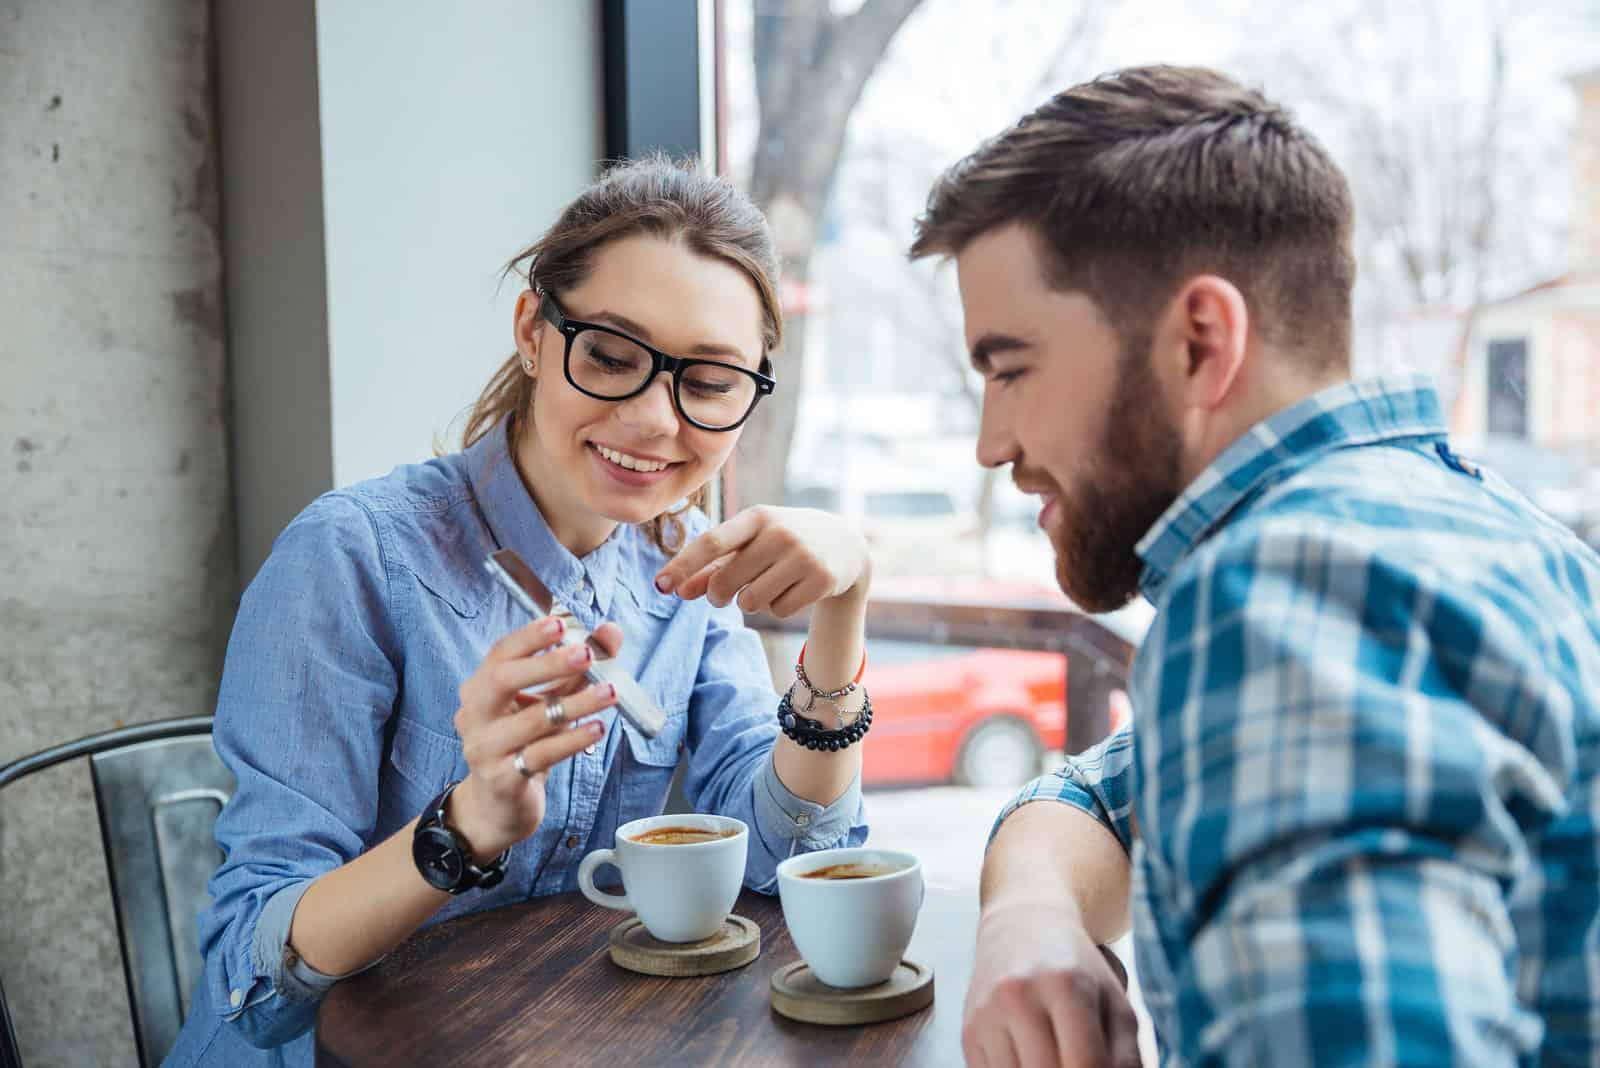 un homme et une femme boivent du café pendant qu'elle pointe quelque chose sur son téléphone